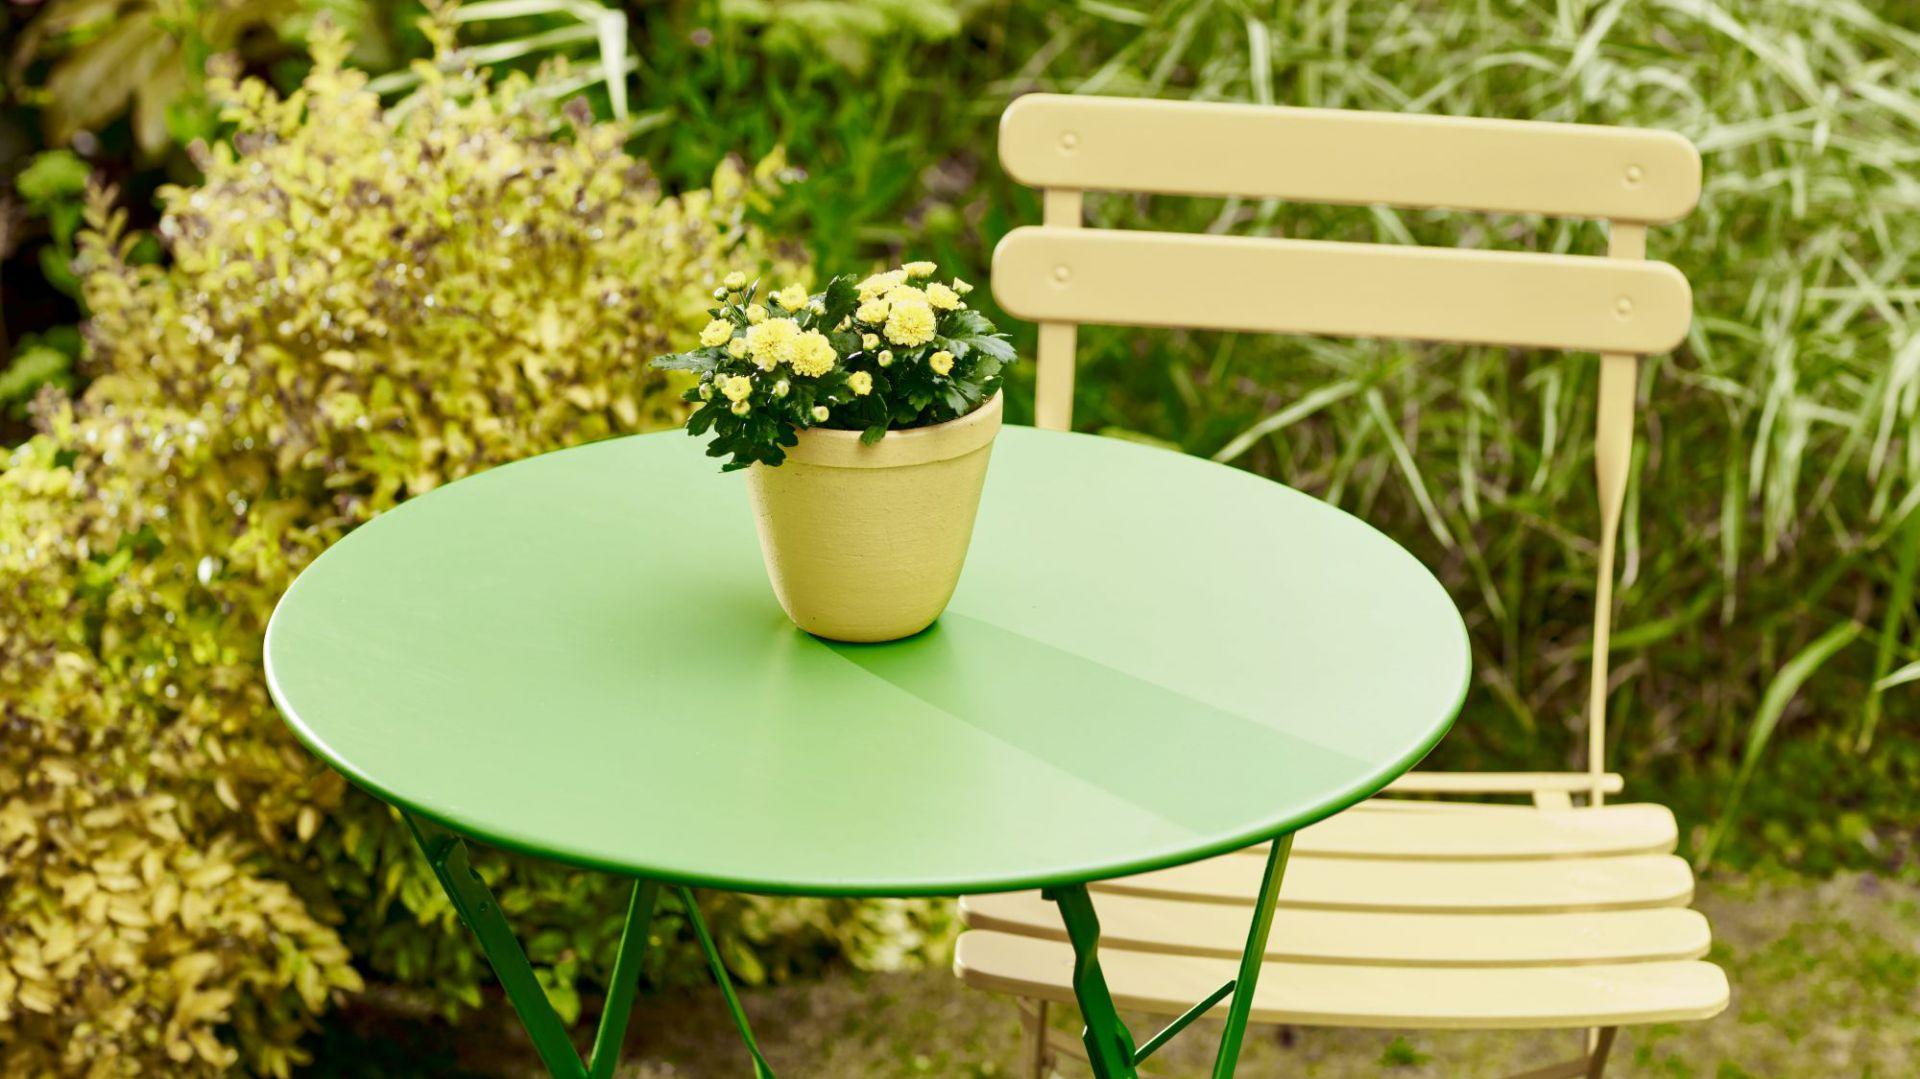 Zielony w ogrodzie. Stolik w odcieniach limonkowy ciemiernik i dojrzała pigwa. Fot. Altax Viva Garden